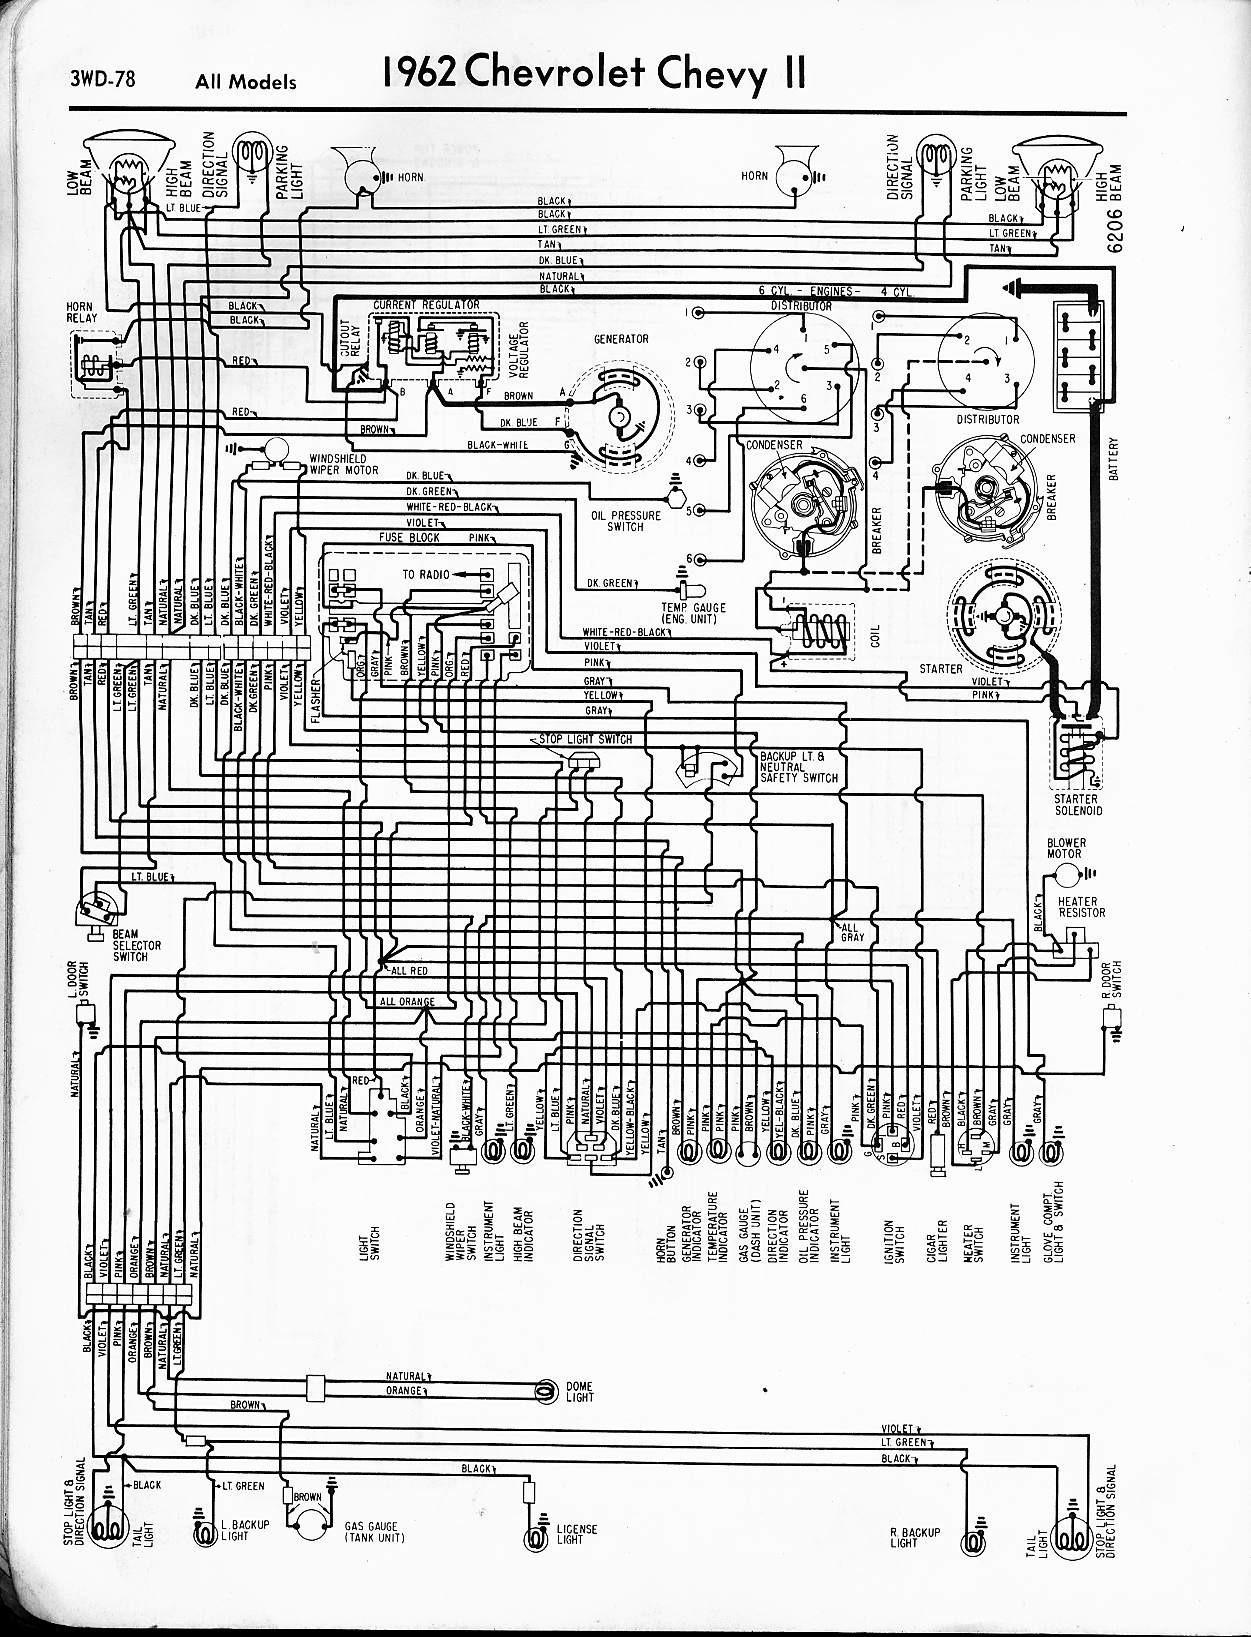 1967 Firebird Wiring Diagram 69 Camaro Wiring Diagram Facybulka Me Striking 1969 Diagrams Of 1967 Firebird Wiring Diagram